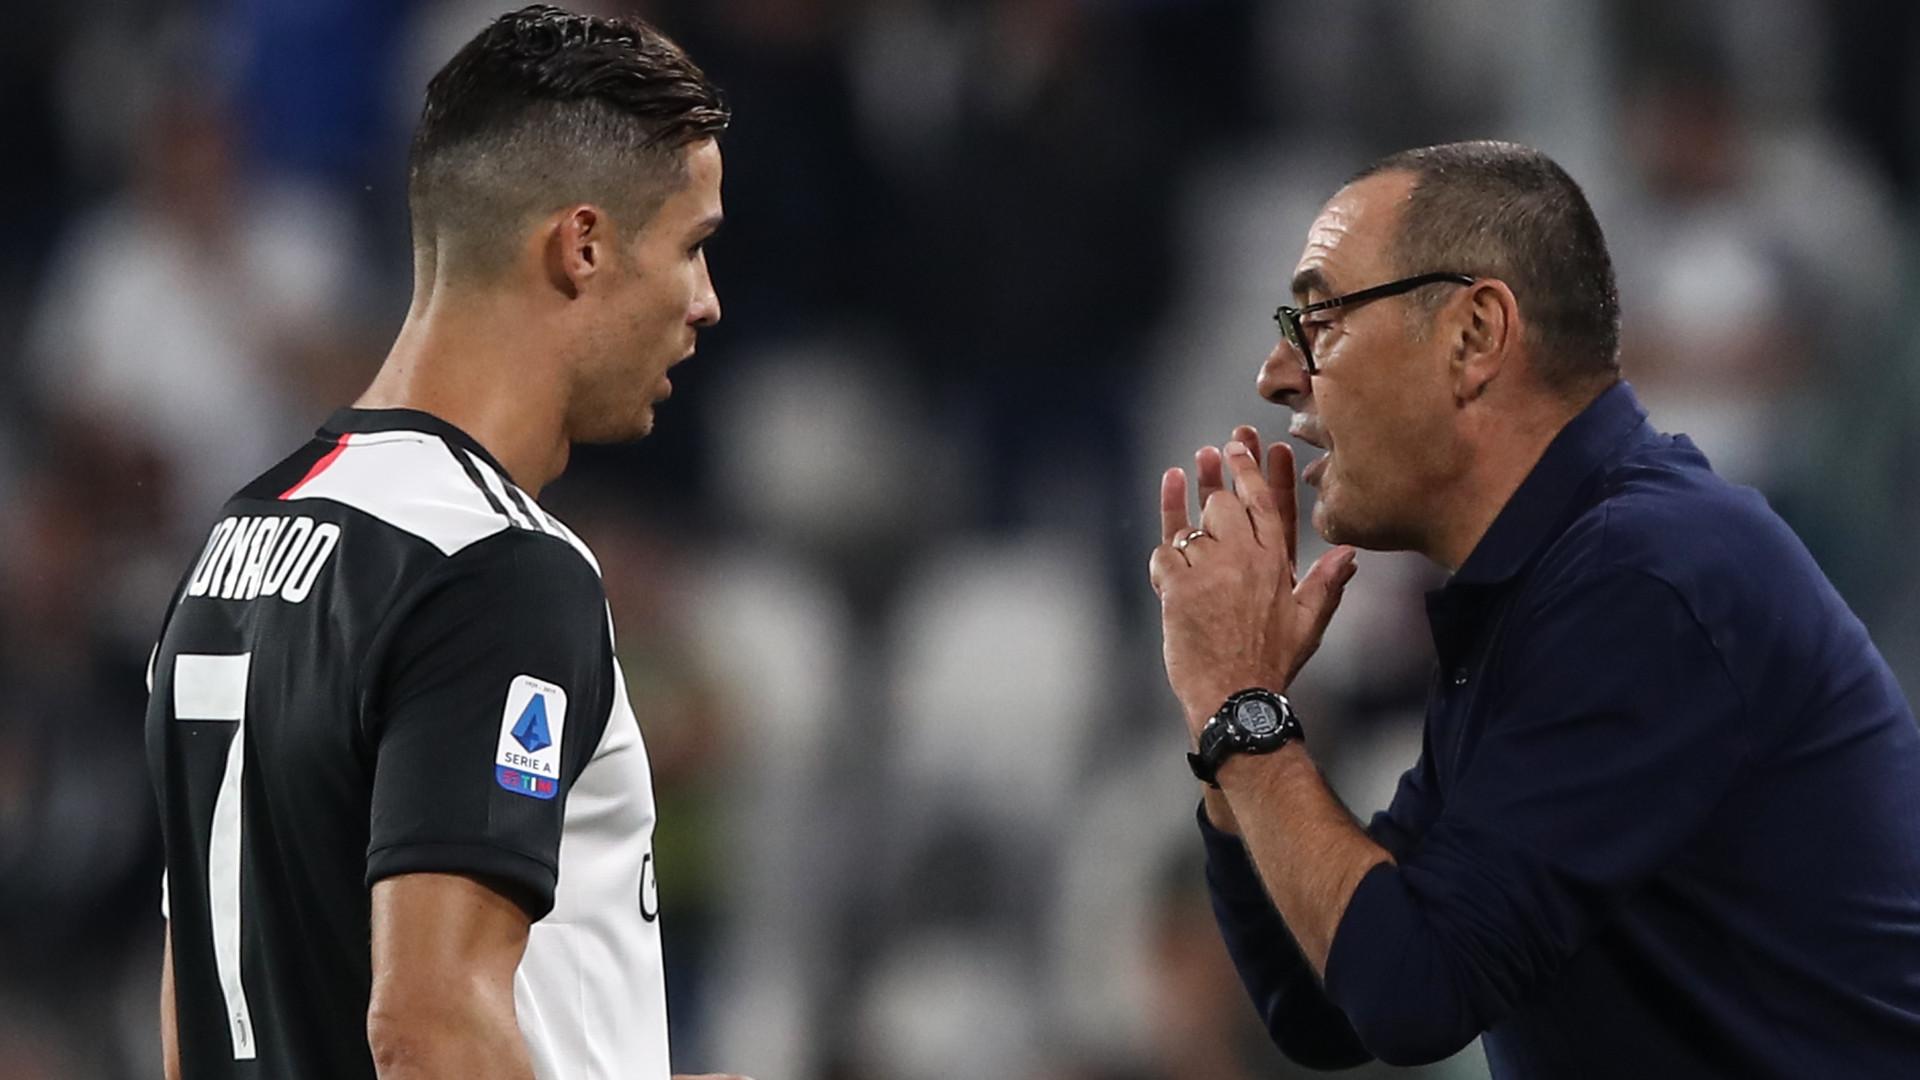 Problema Cristiano Ronaldo per la Juventus